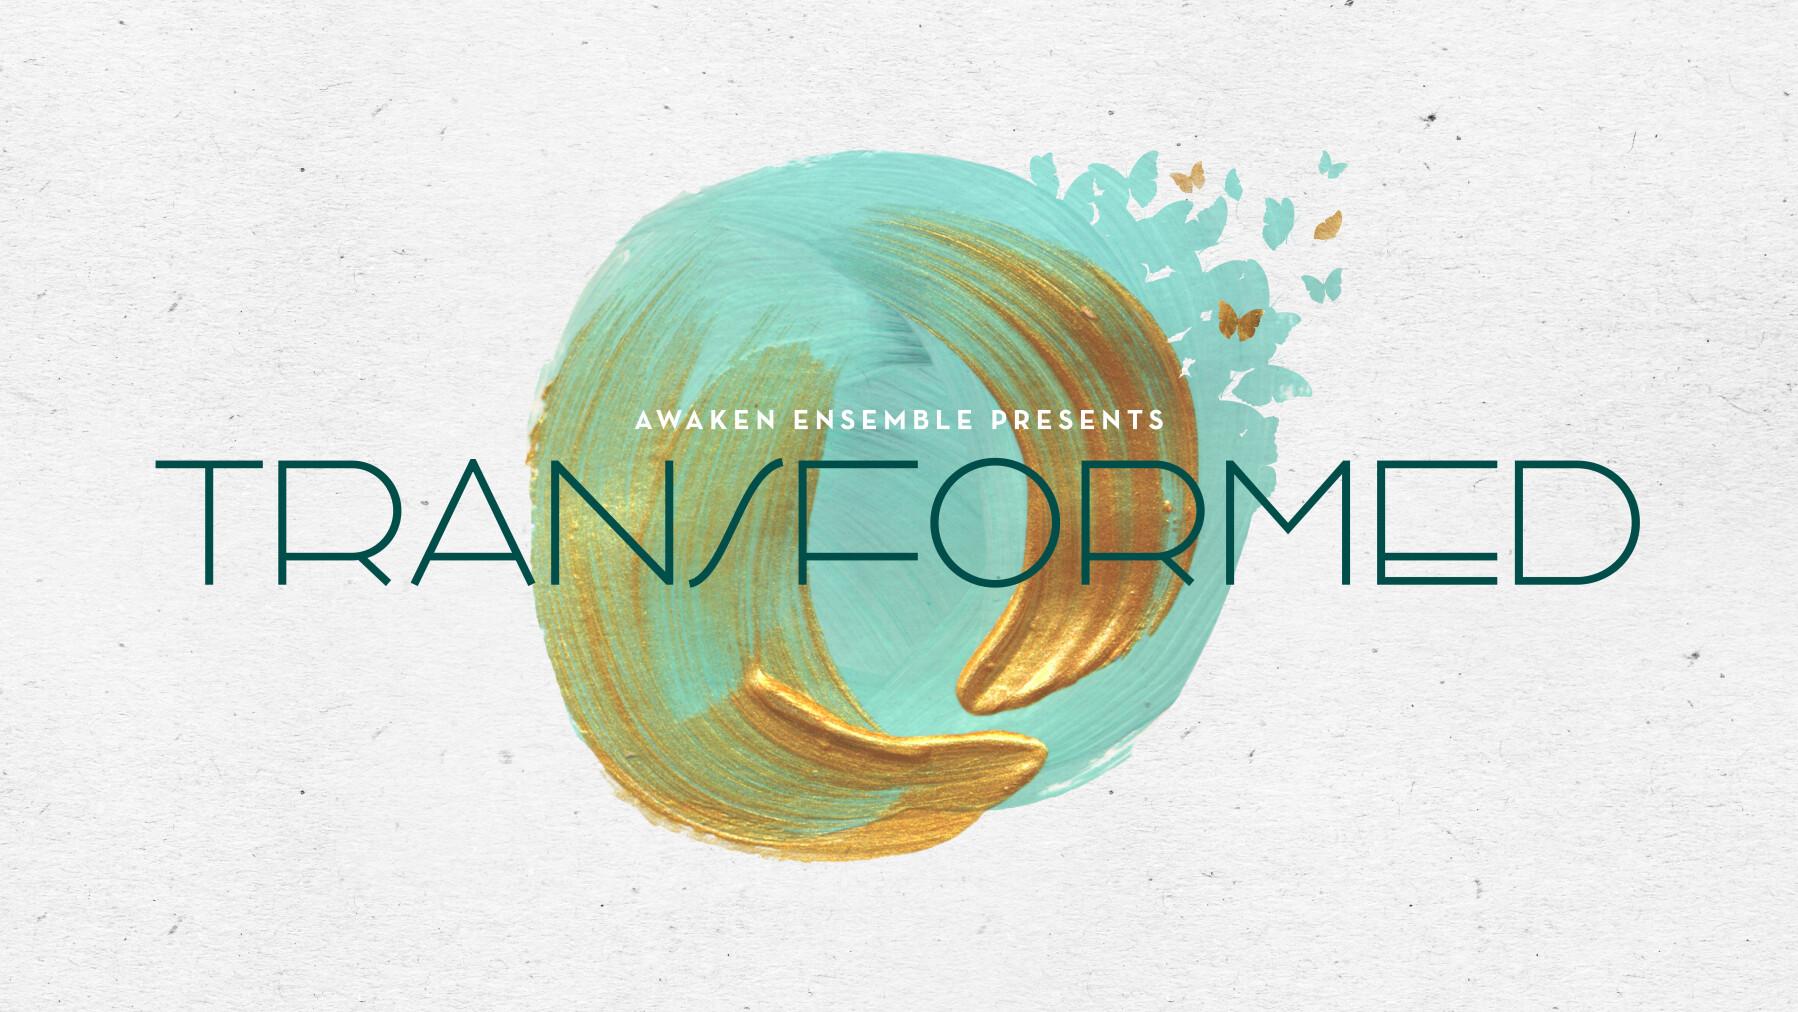 Transformed - An Awaken Ensemble Concert